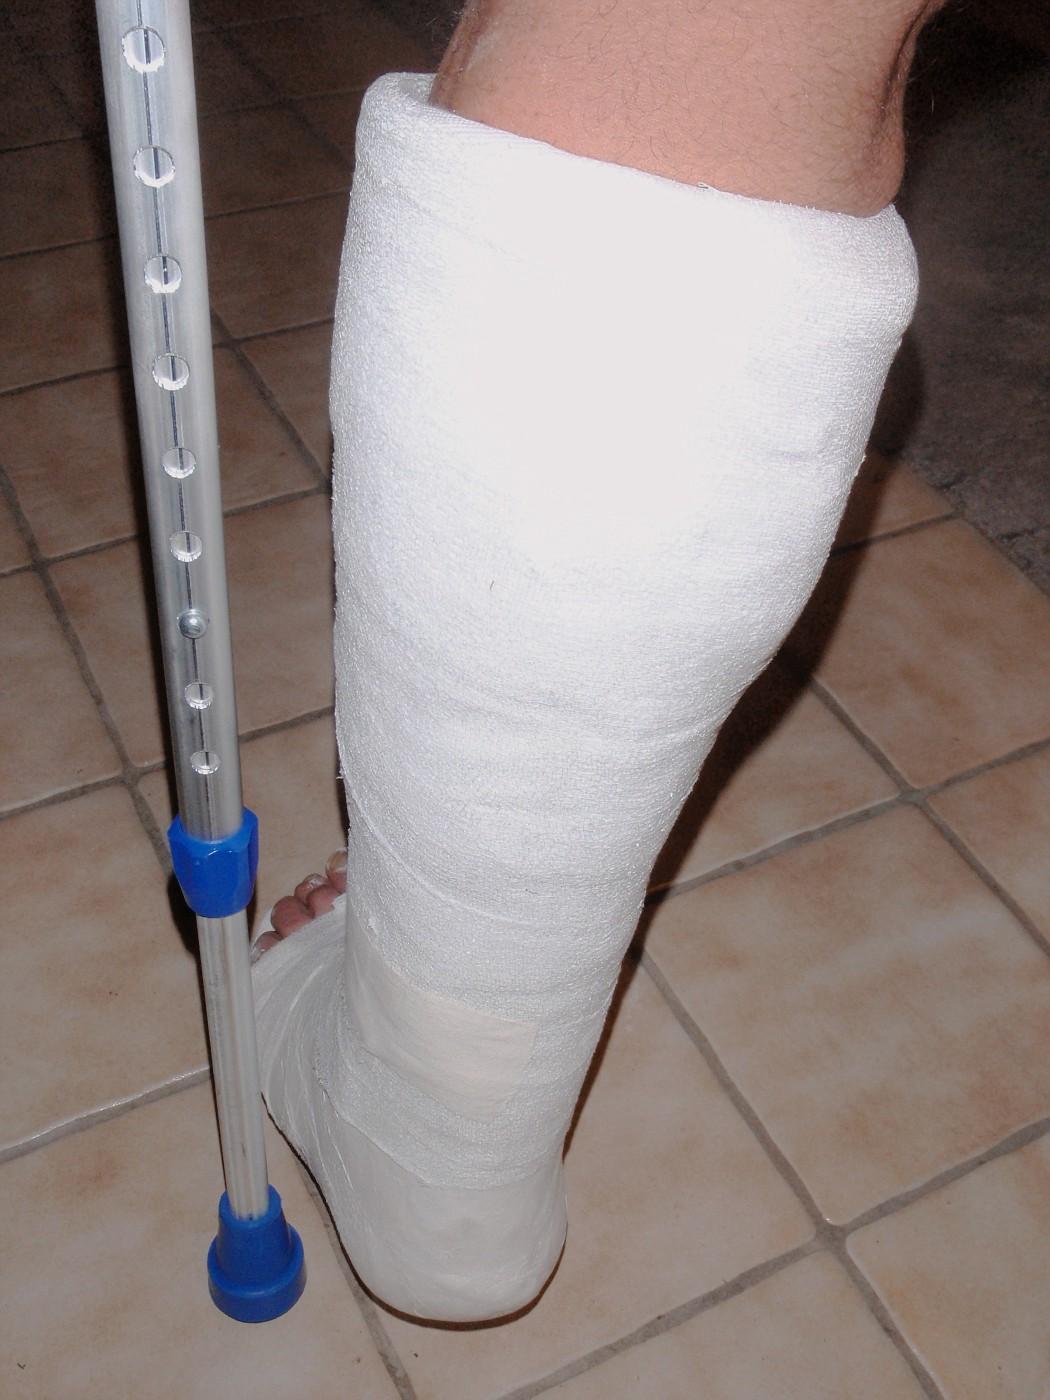 Leg plaster